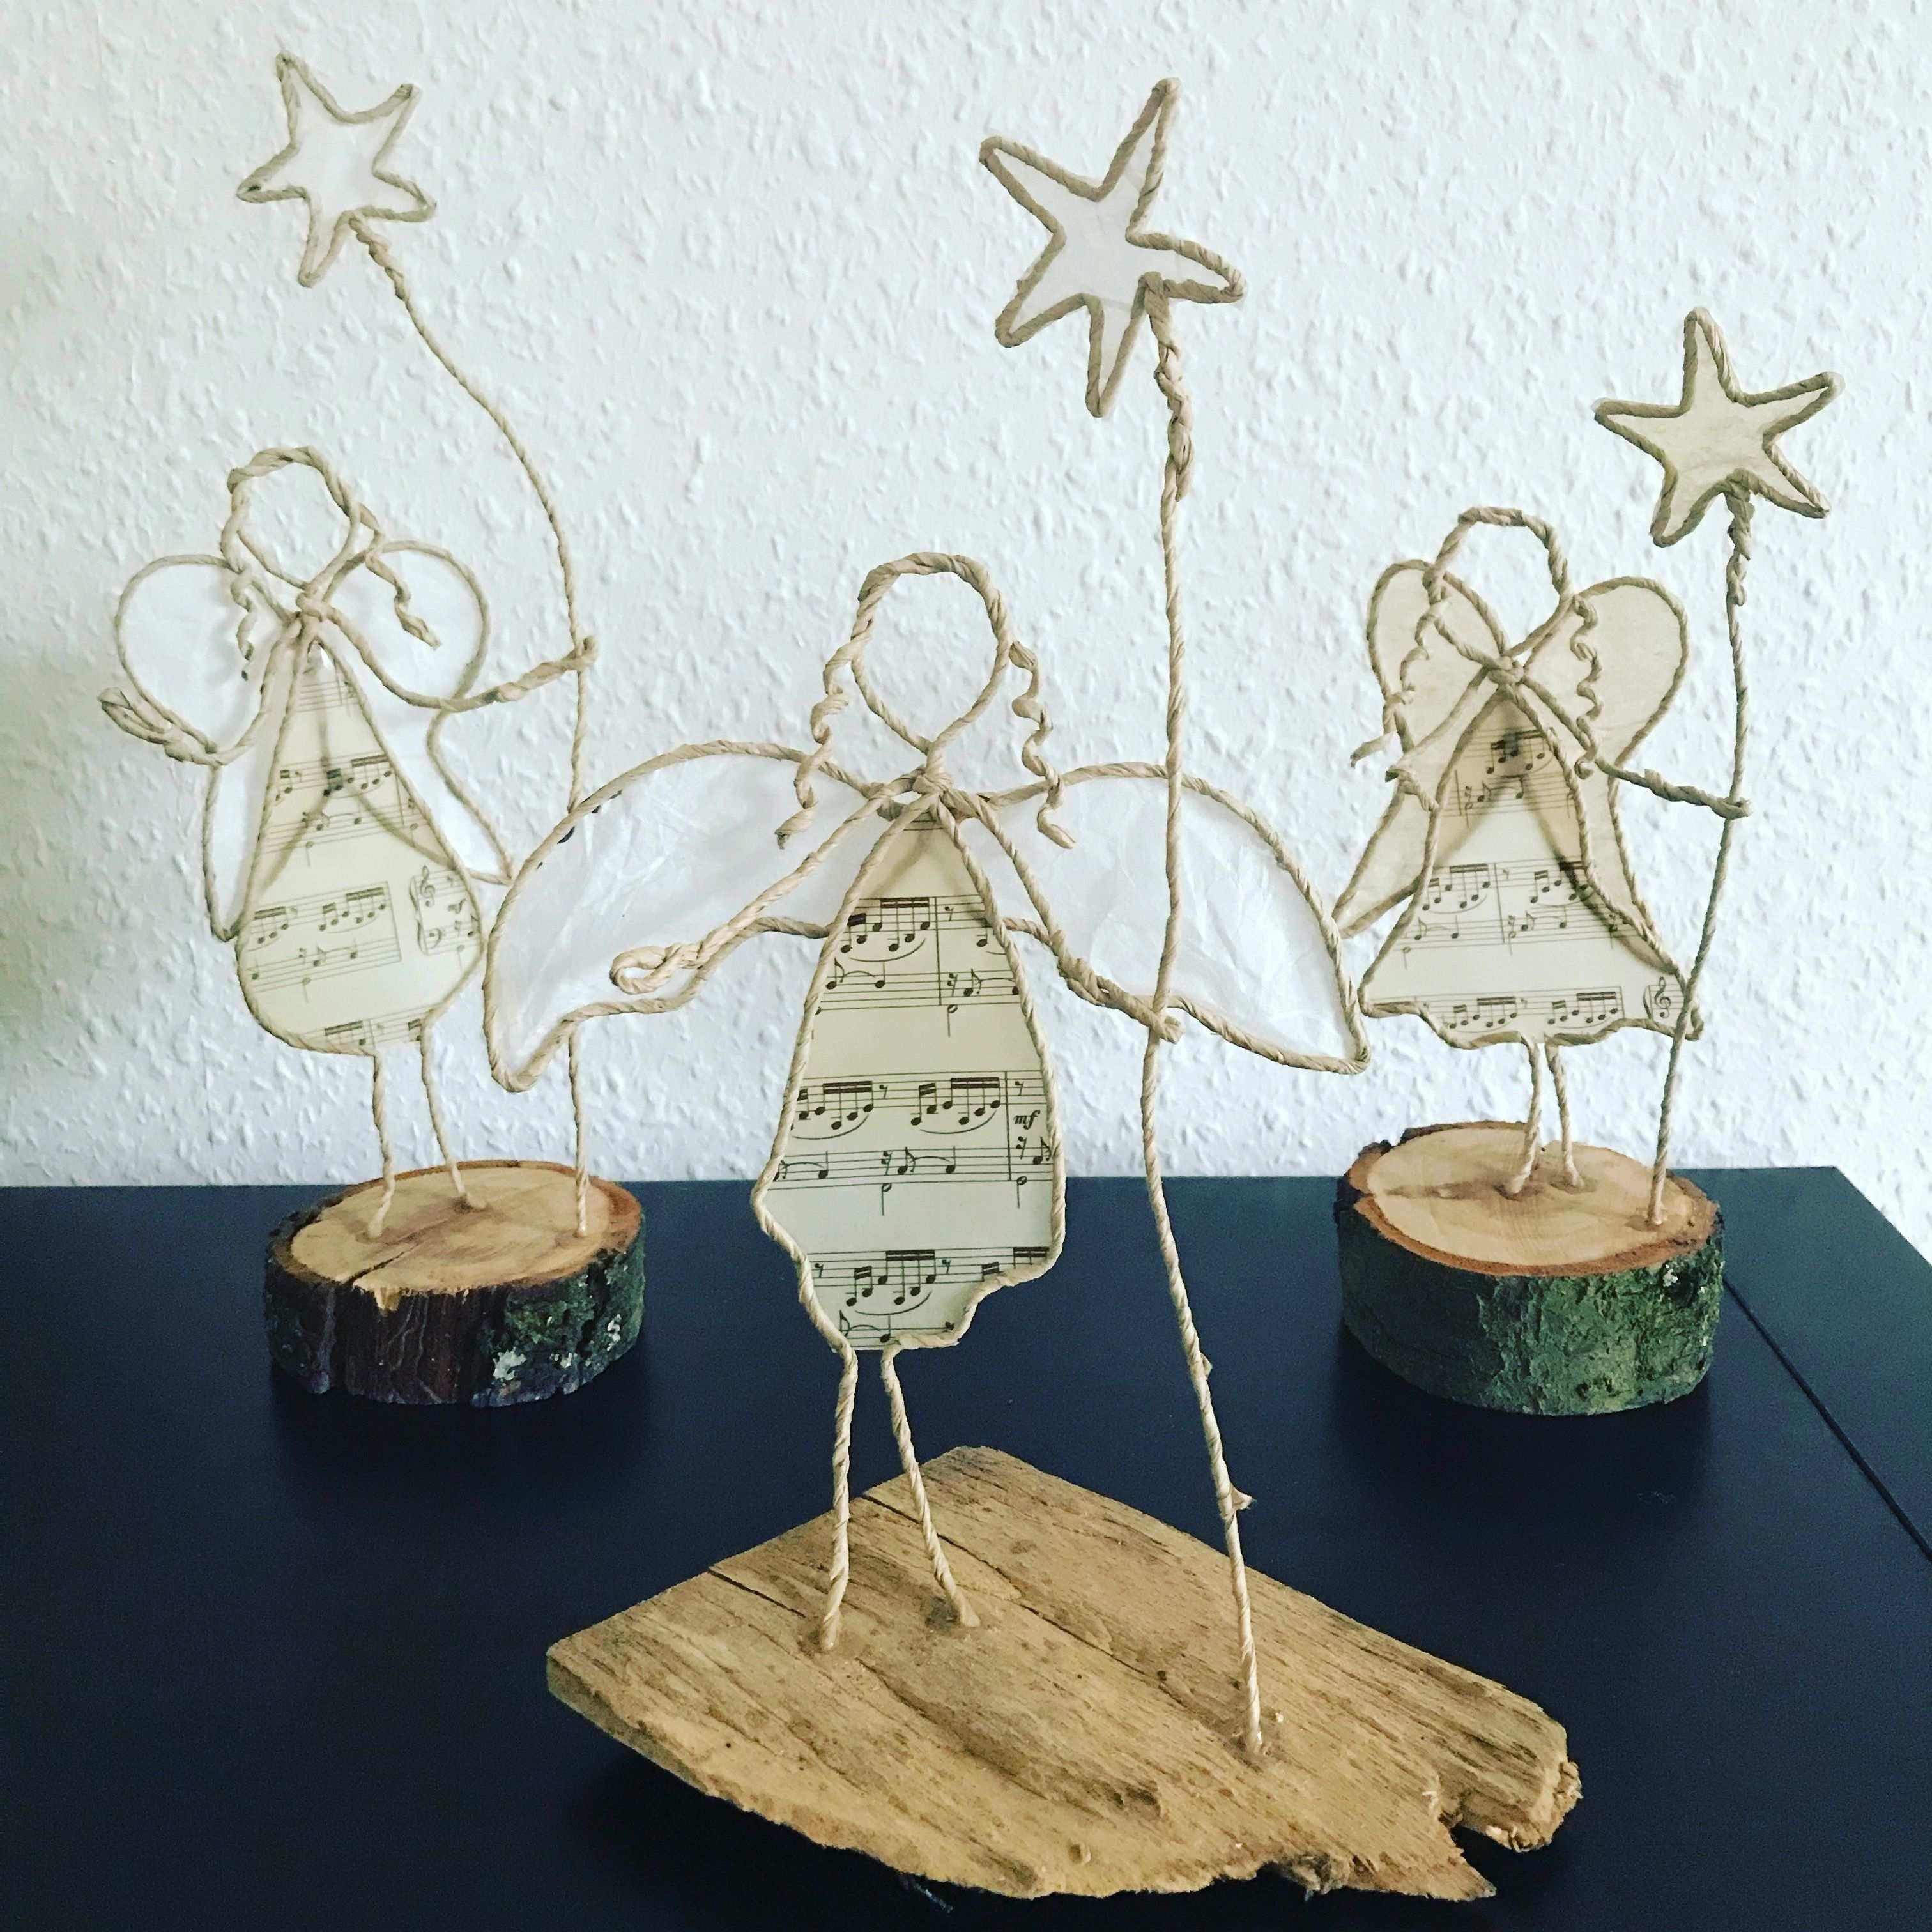 Papierdrahtfiguren Engel Basteln Weihnachten Draht Weihnachten Basteln Engel Papierskulptur